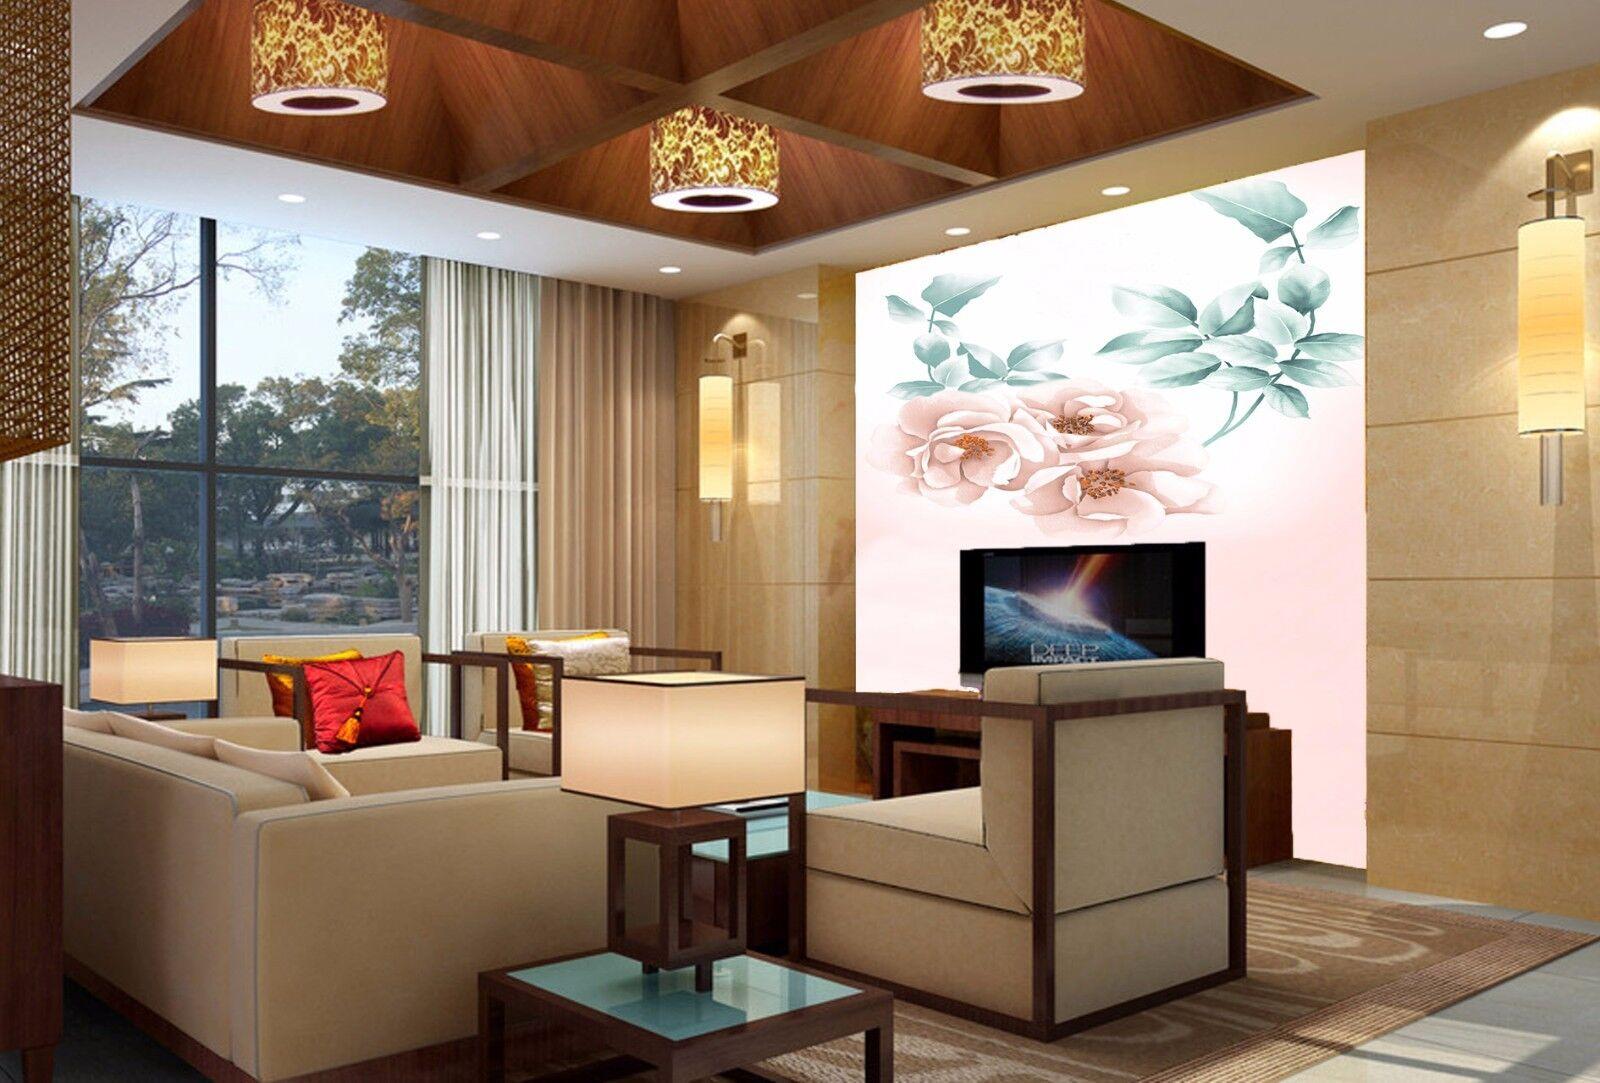 3D Schön Rosa Rosa 964 Tapete Wandgemälde Tapete Tapeten Bild Familie DE Summer | Überlegen  | Lassen Sie unsere Produkte in die Welt gehen  |